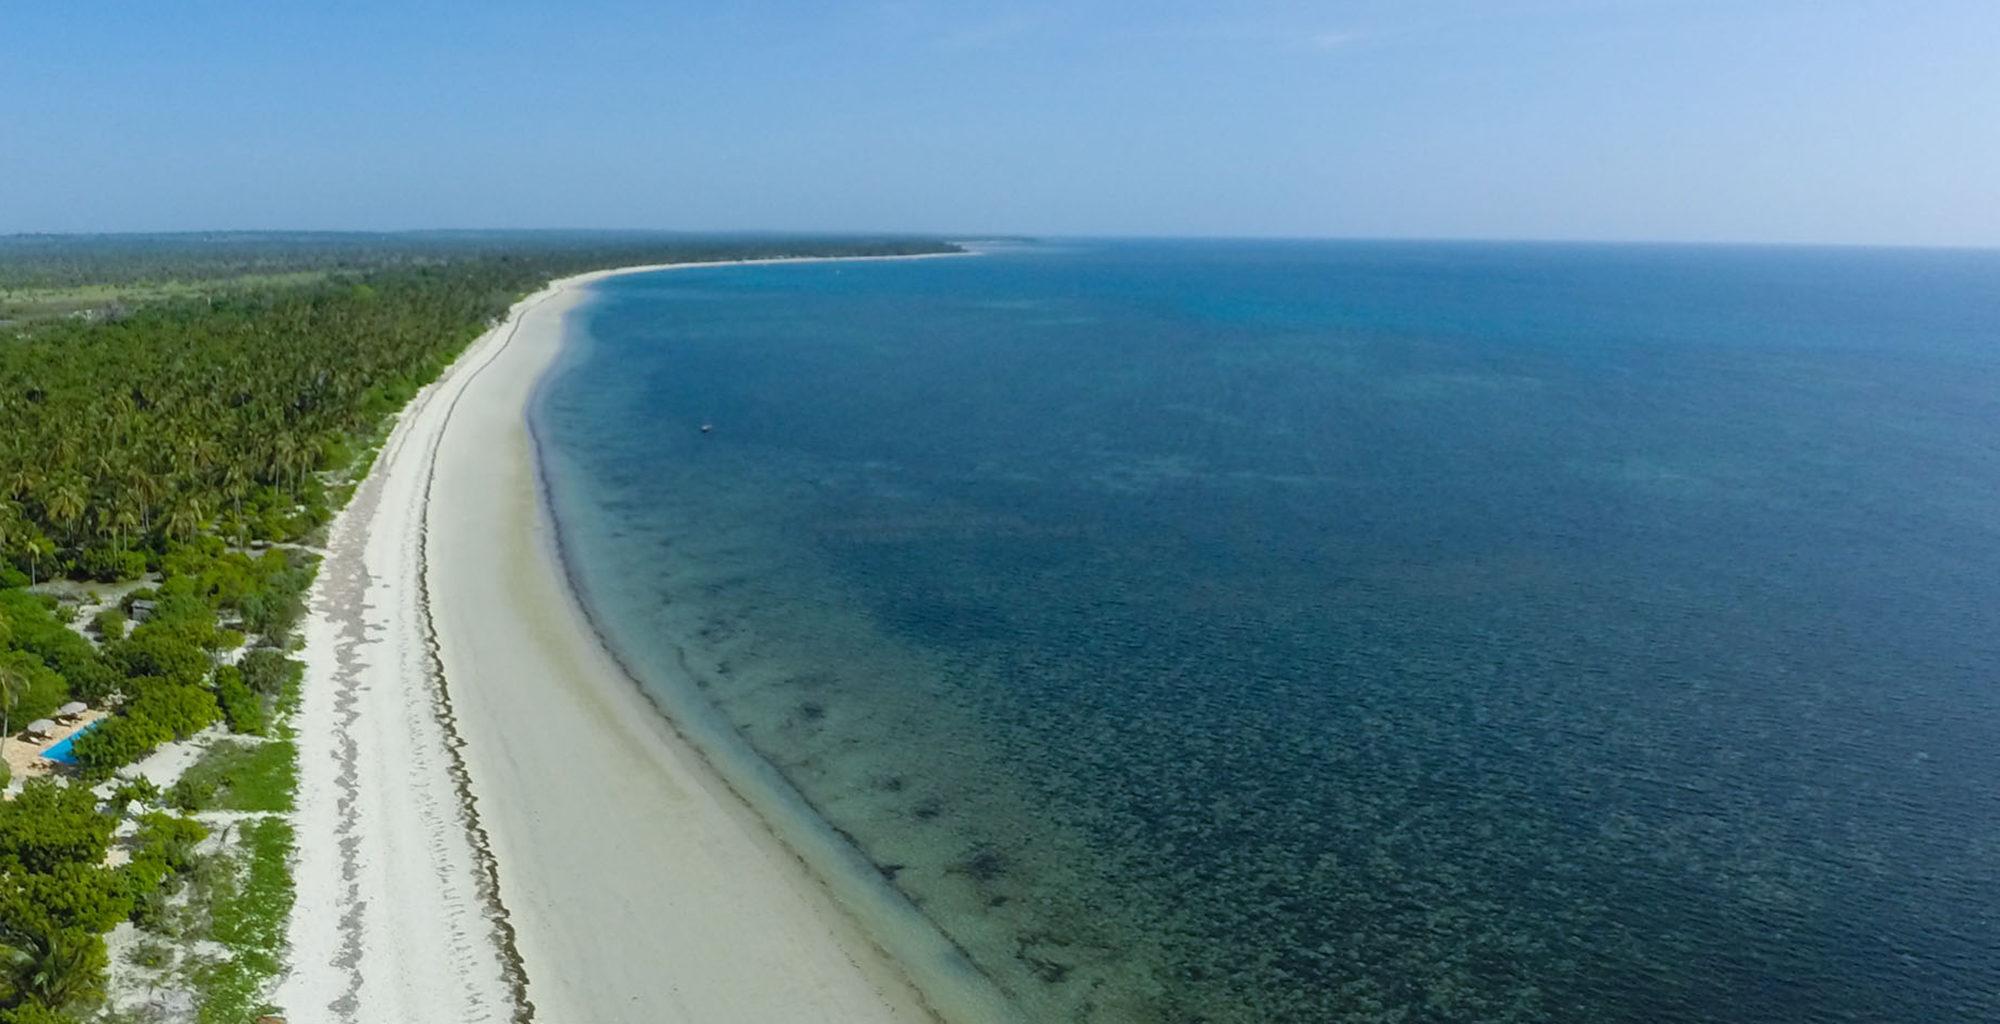 Tanzania-Mainland-Coast-Aerial